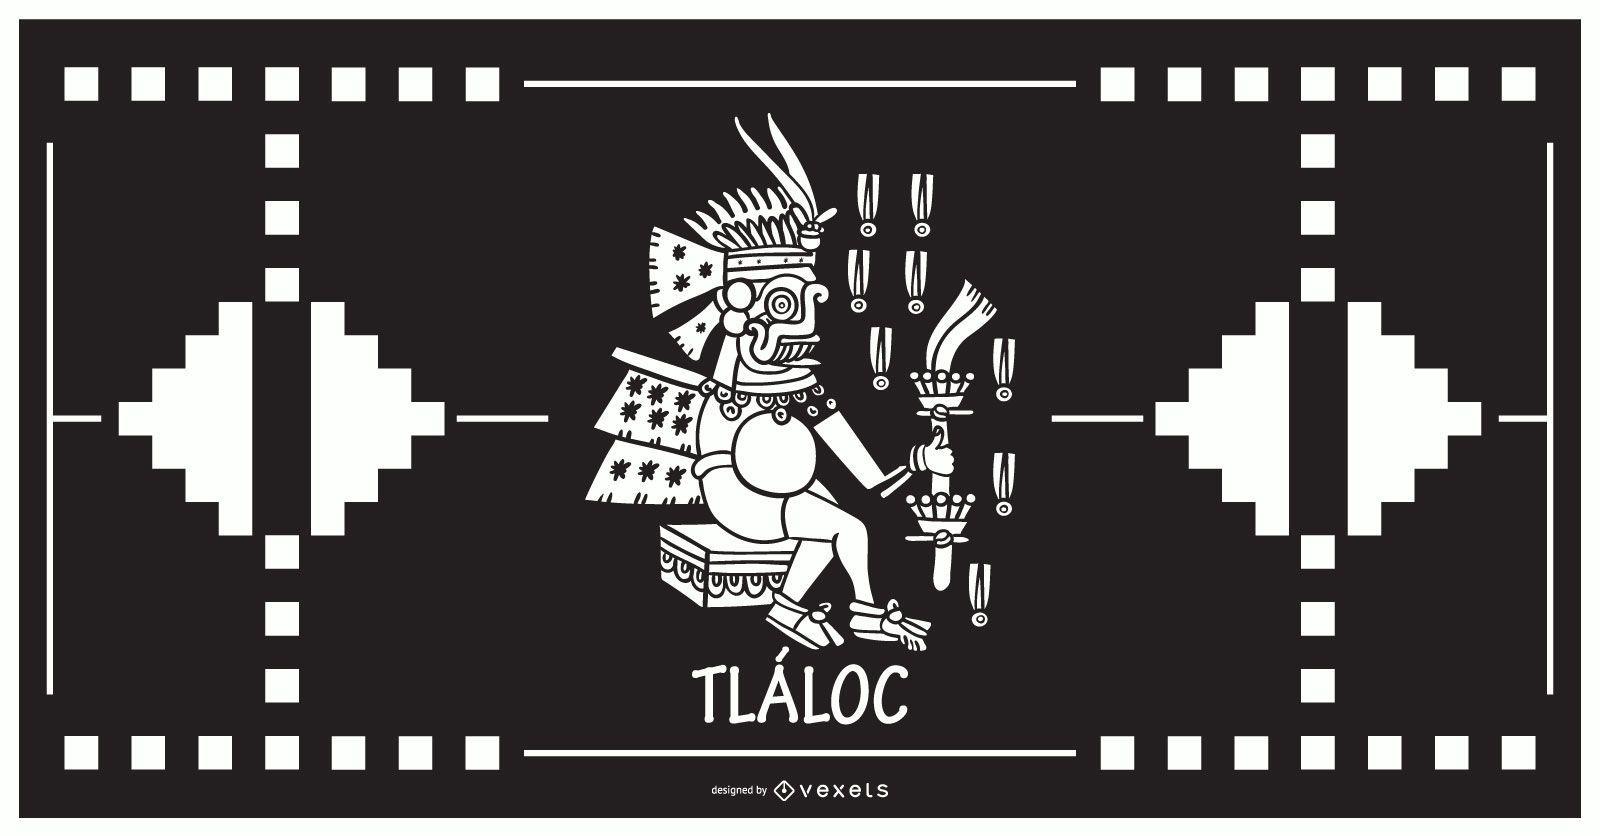 Tlaloc aztec god design